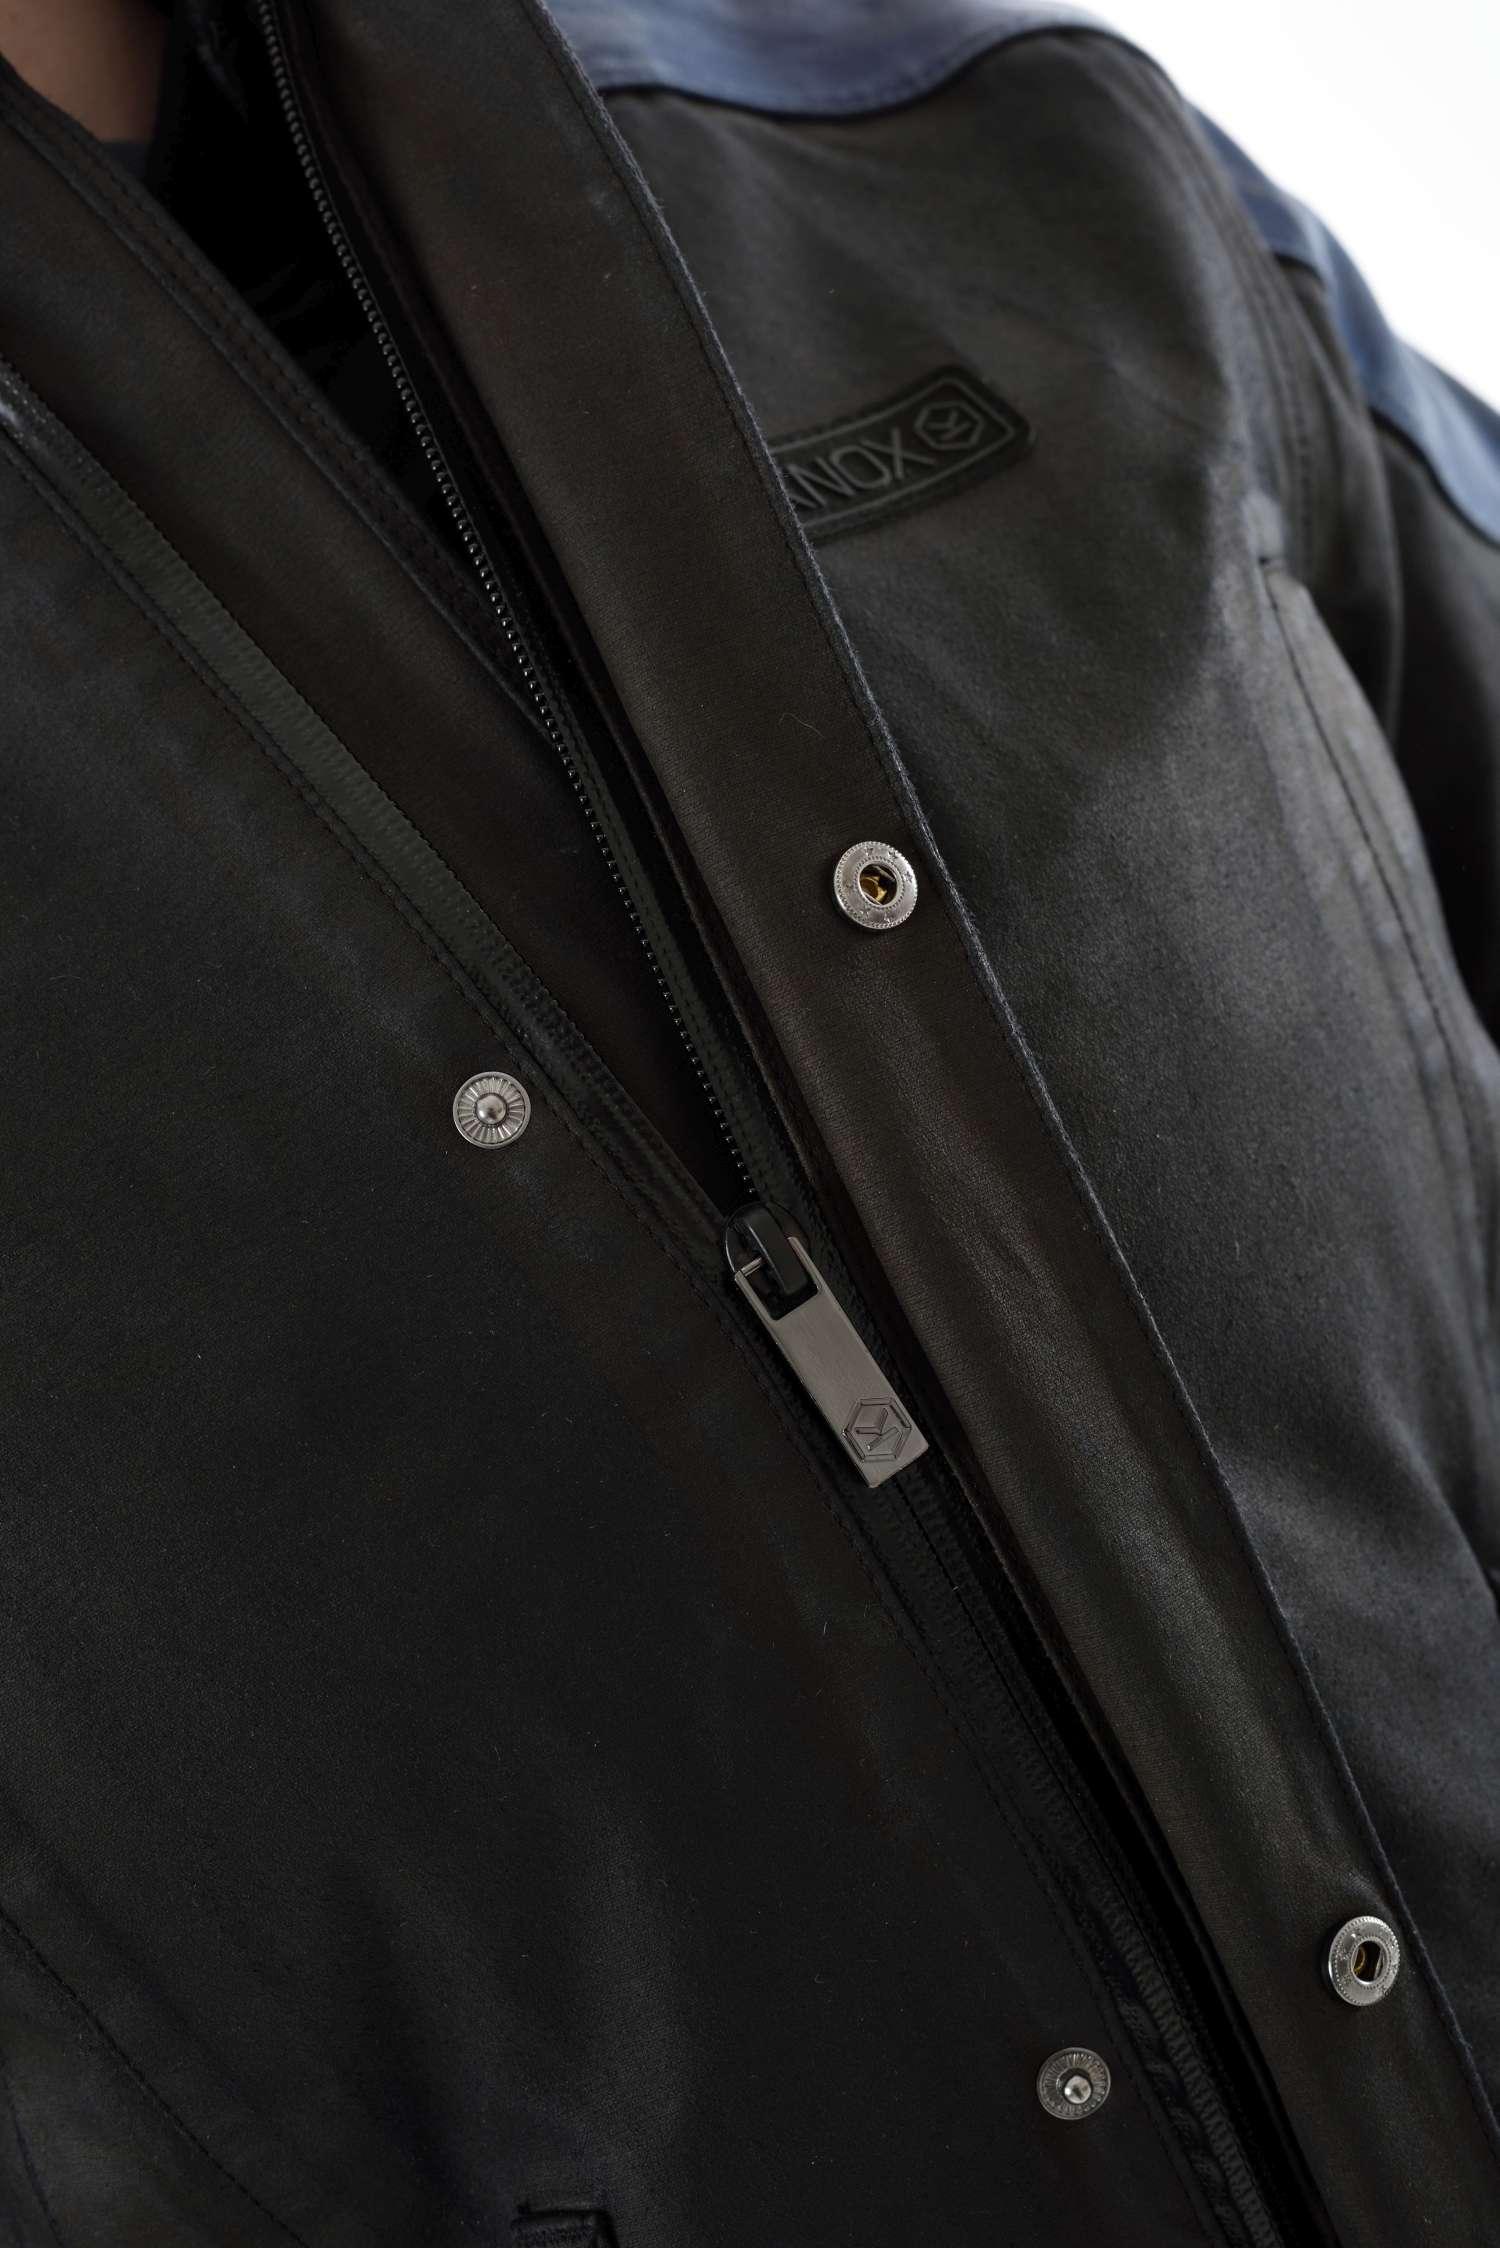 Knox-wax-jacket-detail5